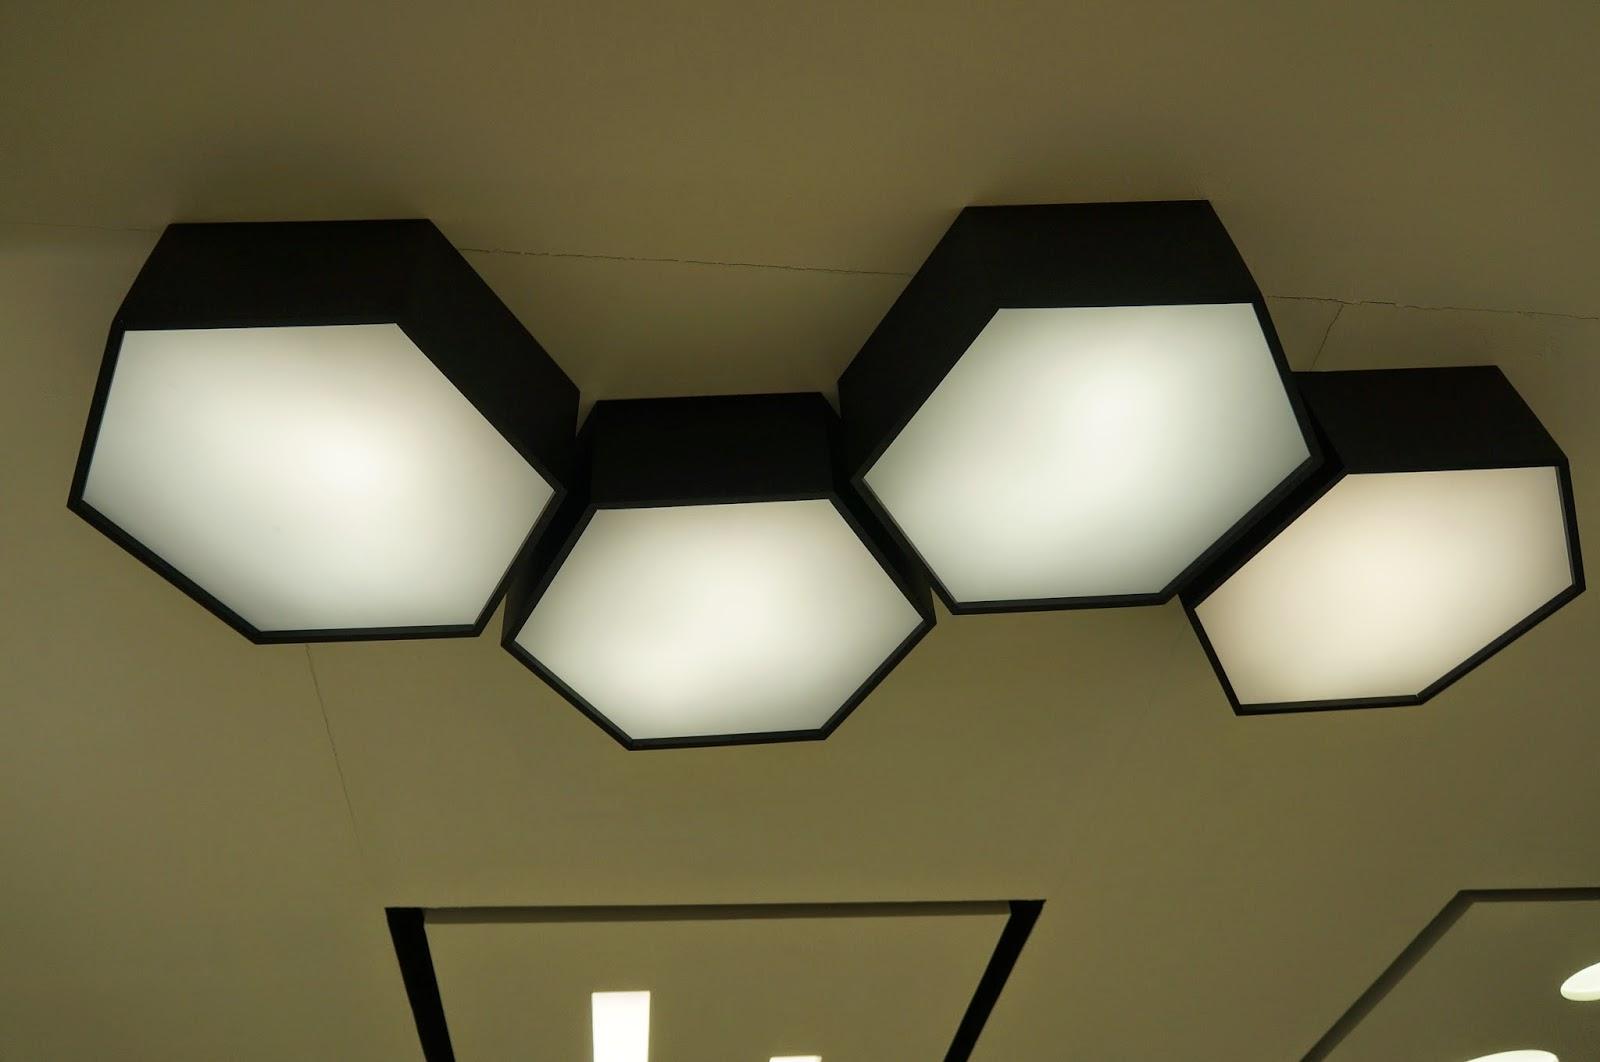 conjunto de luminárias de sobrepor em Colmeia - Dimlux - Expolux 2014